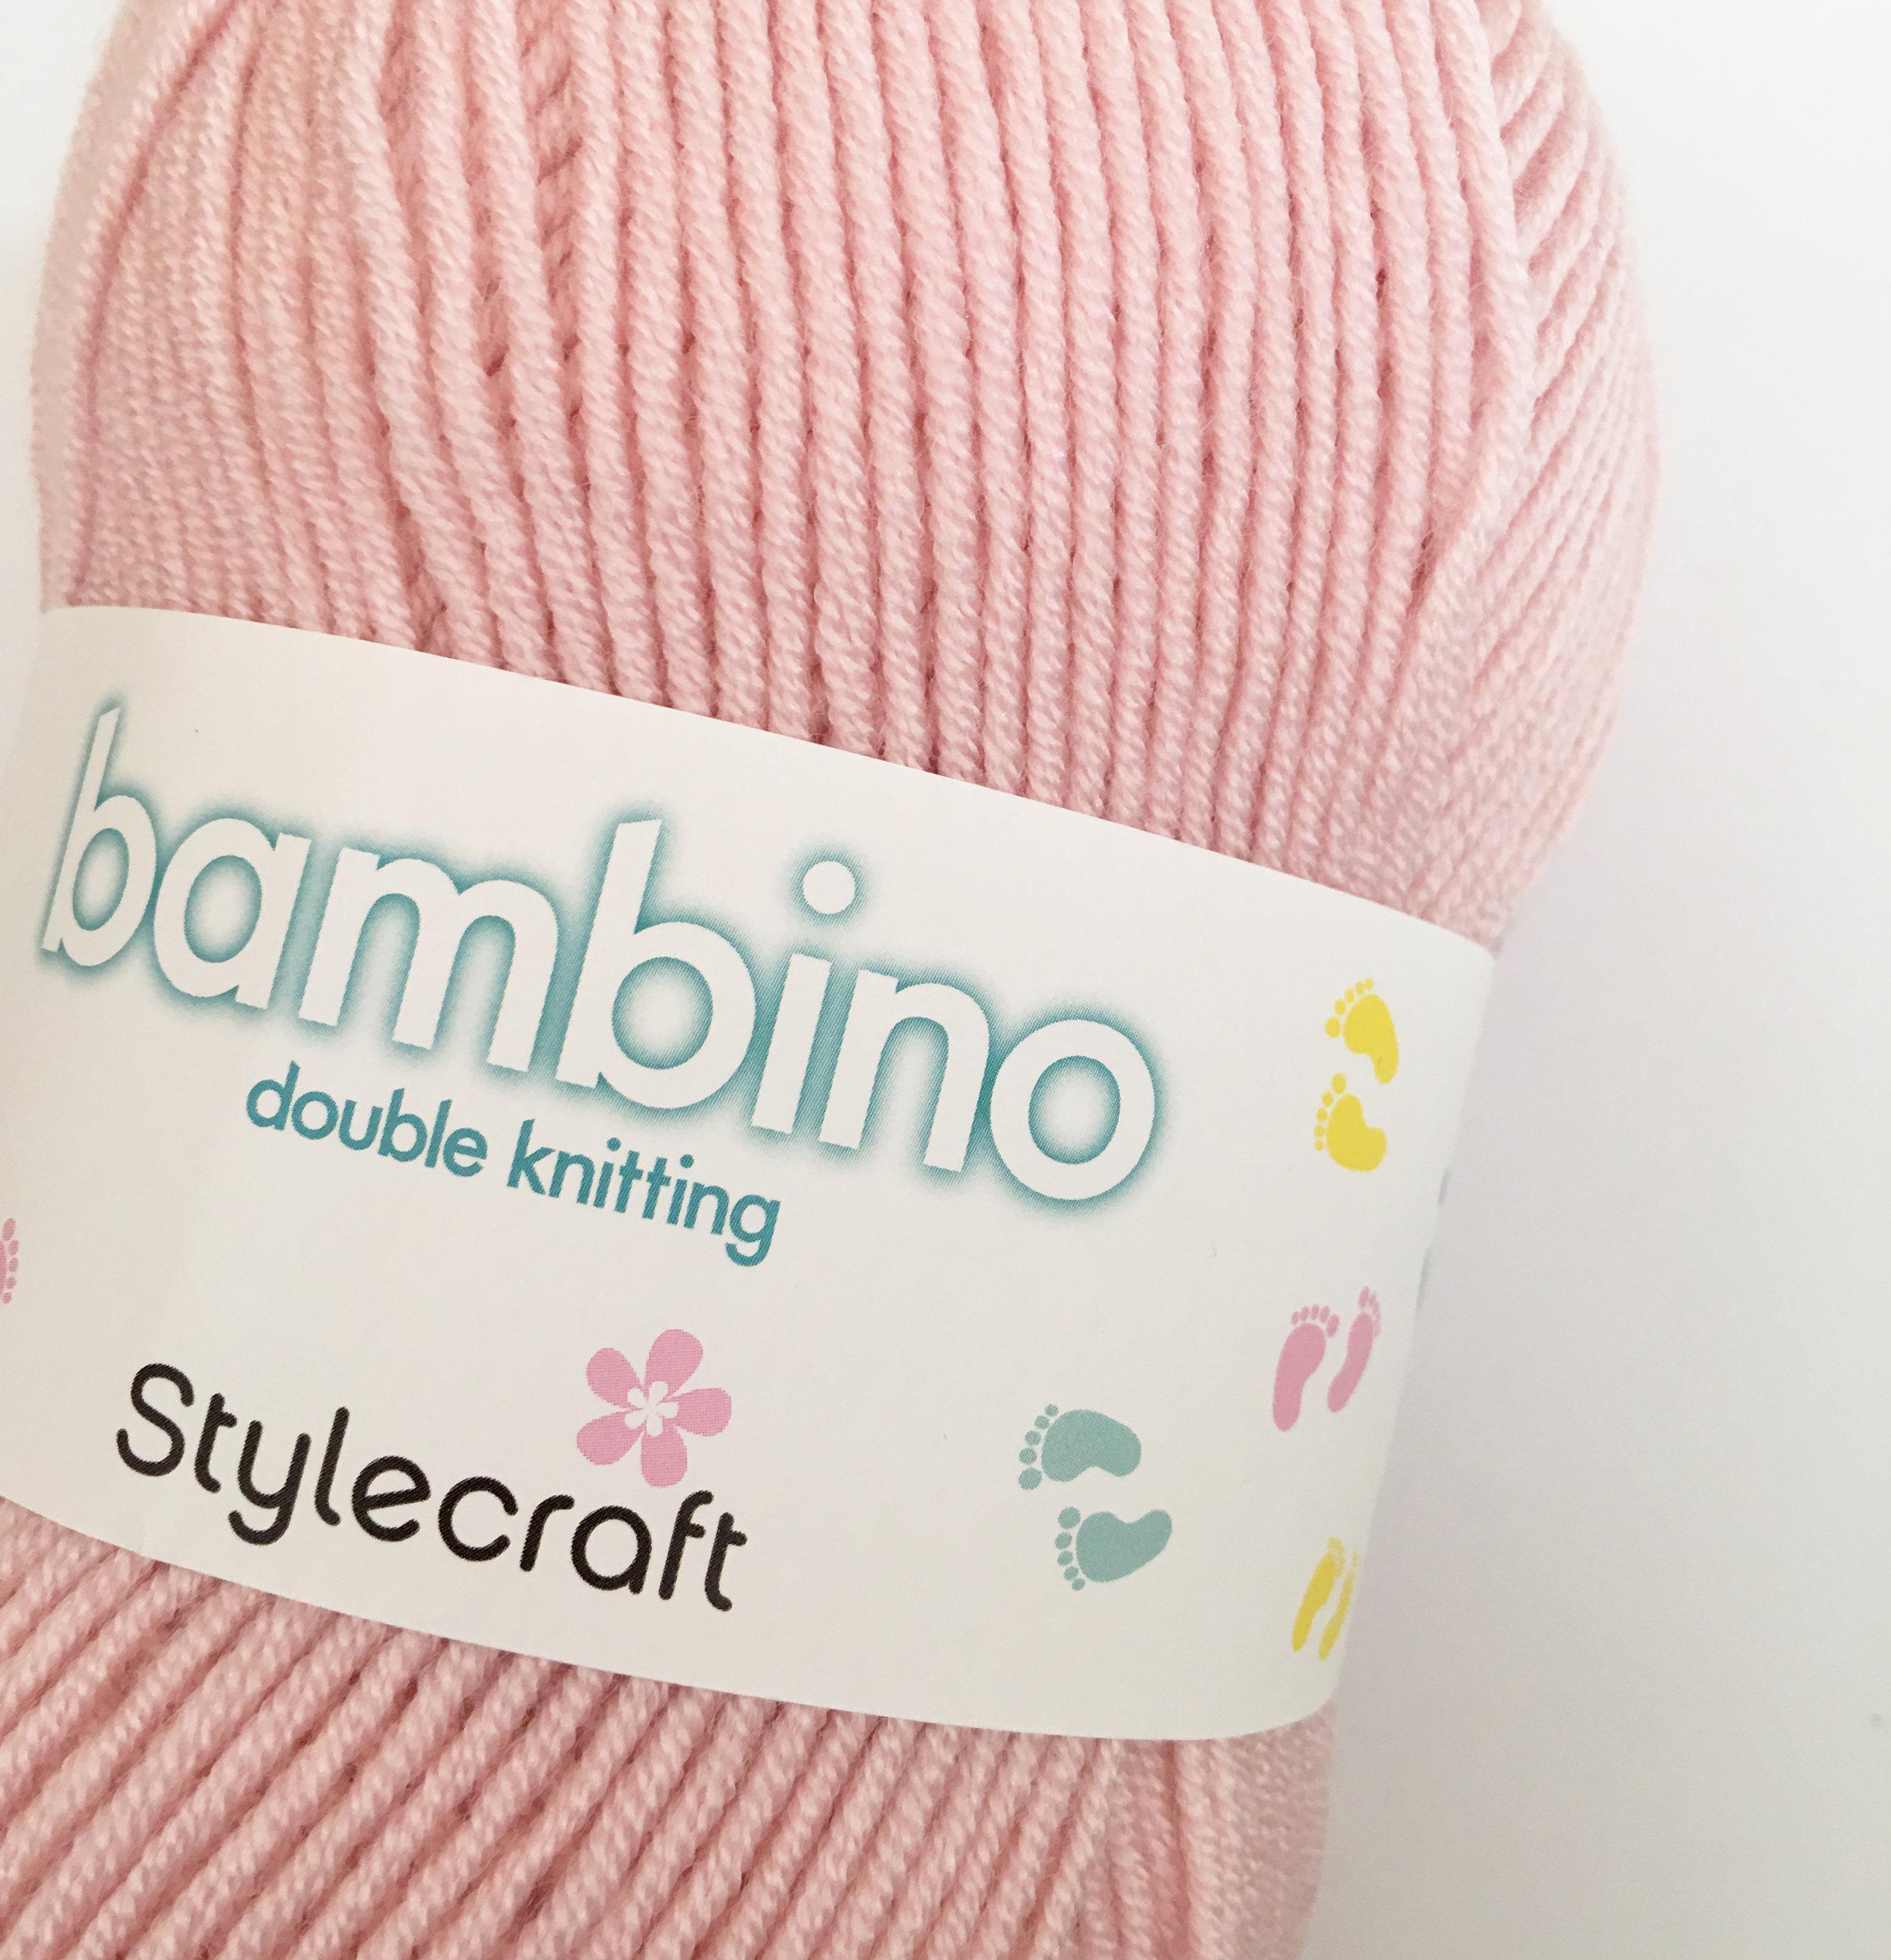 New Stylecraft yarn range - Bambino Double Knitting — Ali